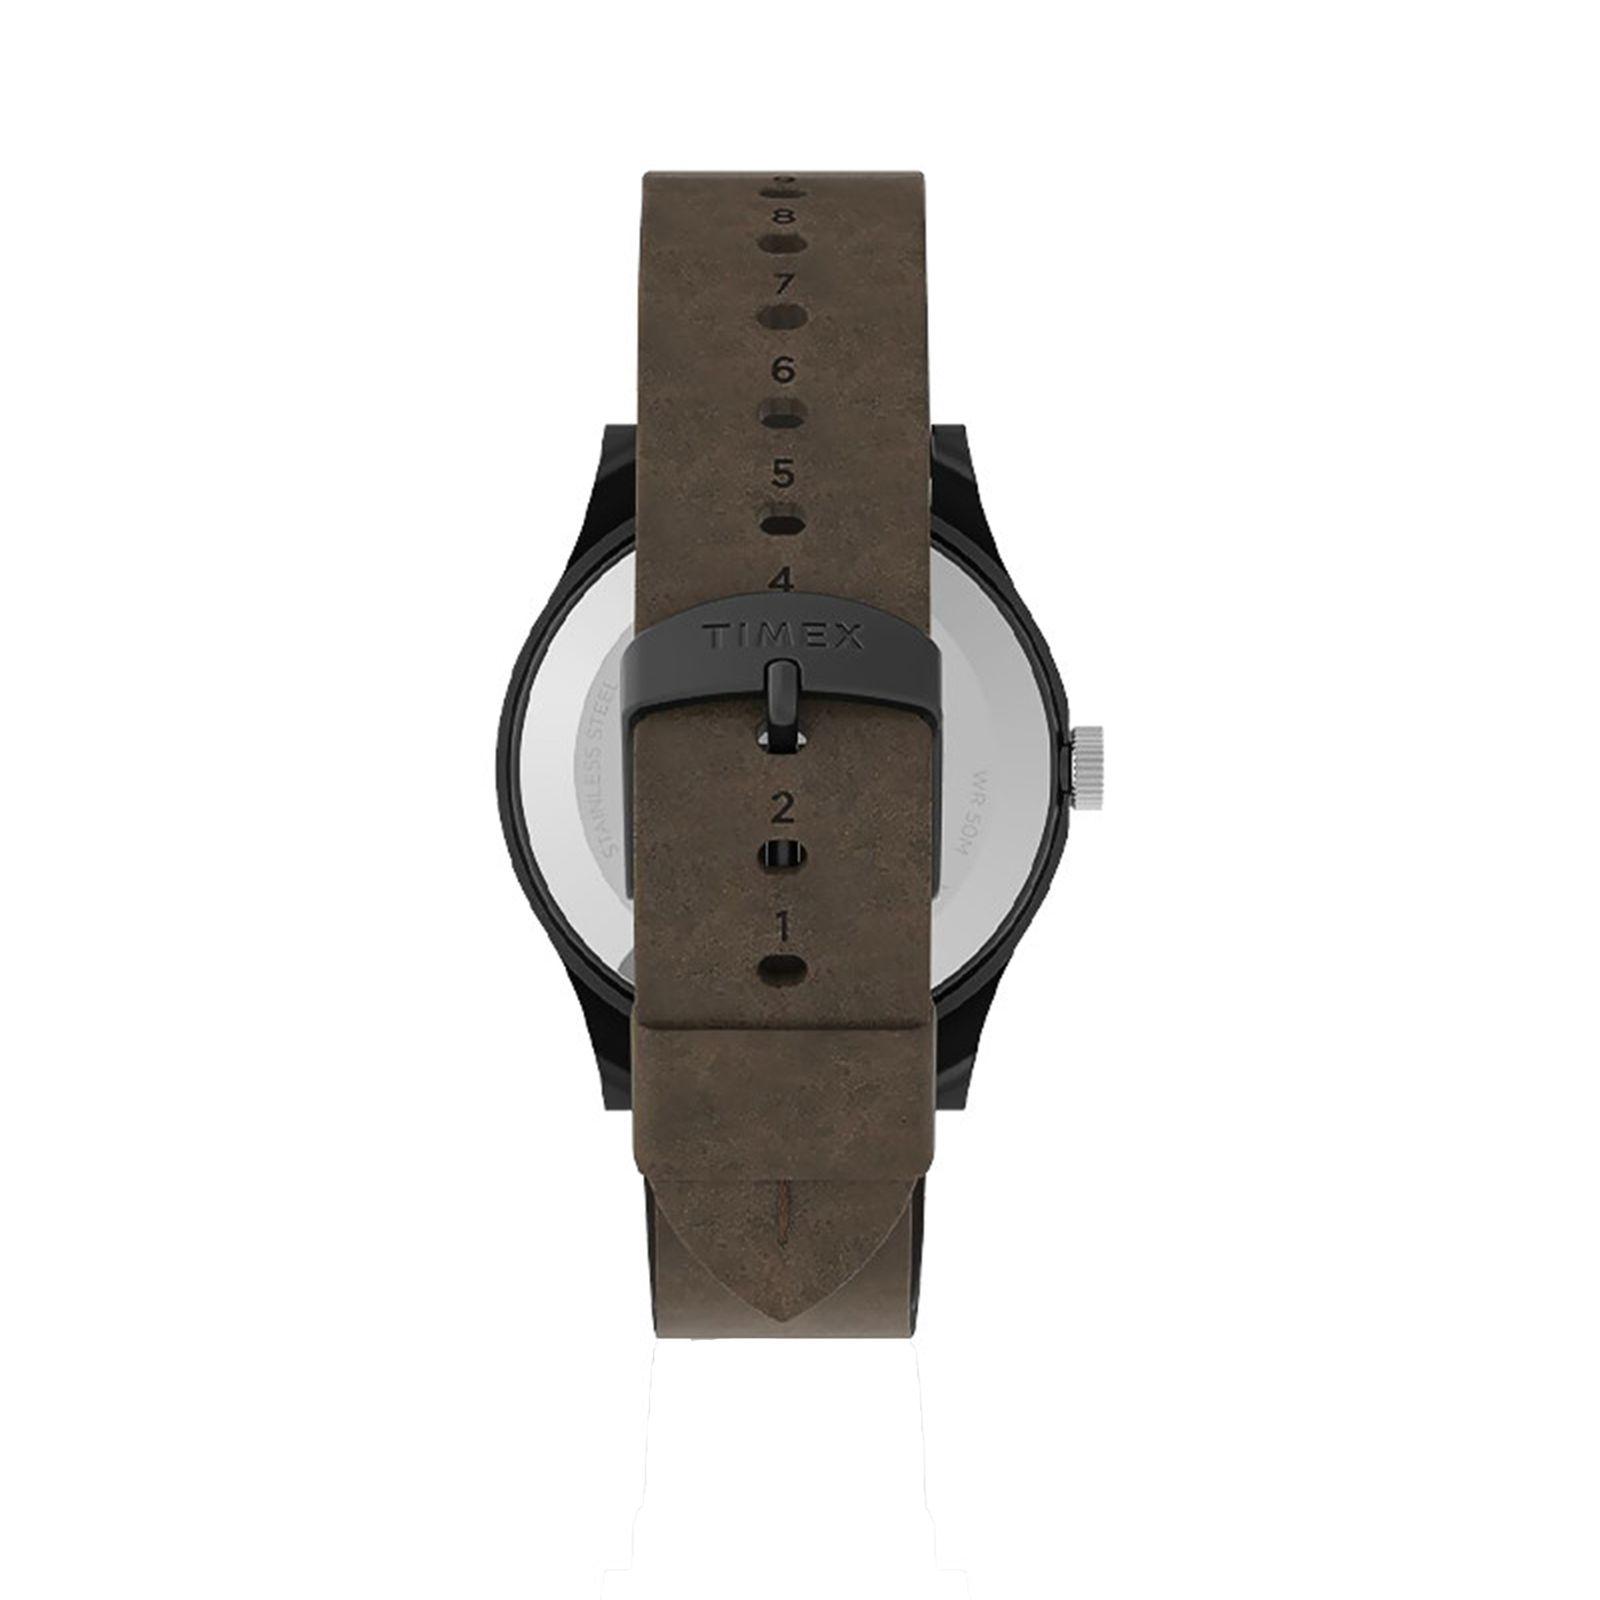 ساعت مچی عقربه ای مردانه تایمکس مدل TW2T68200 -  - 2